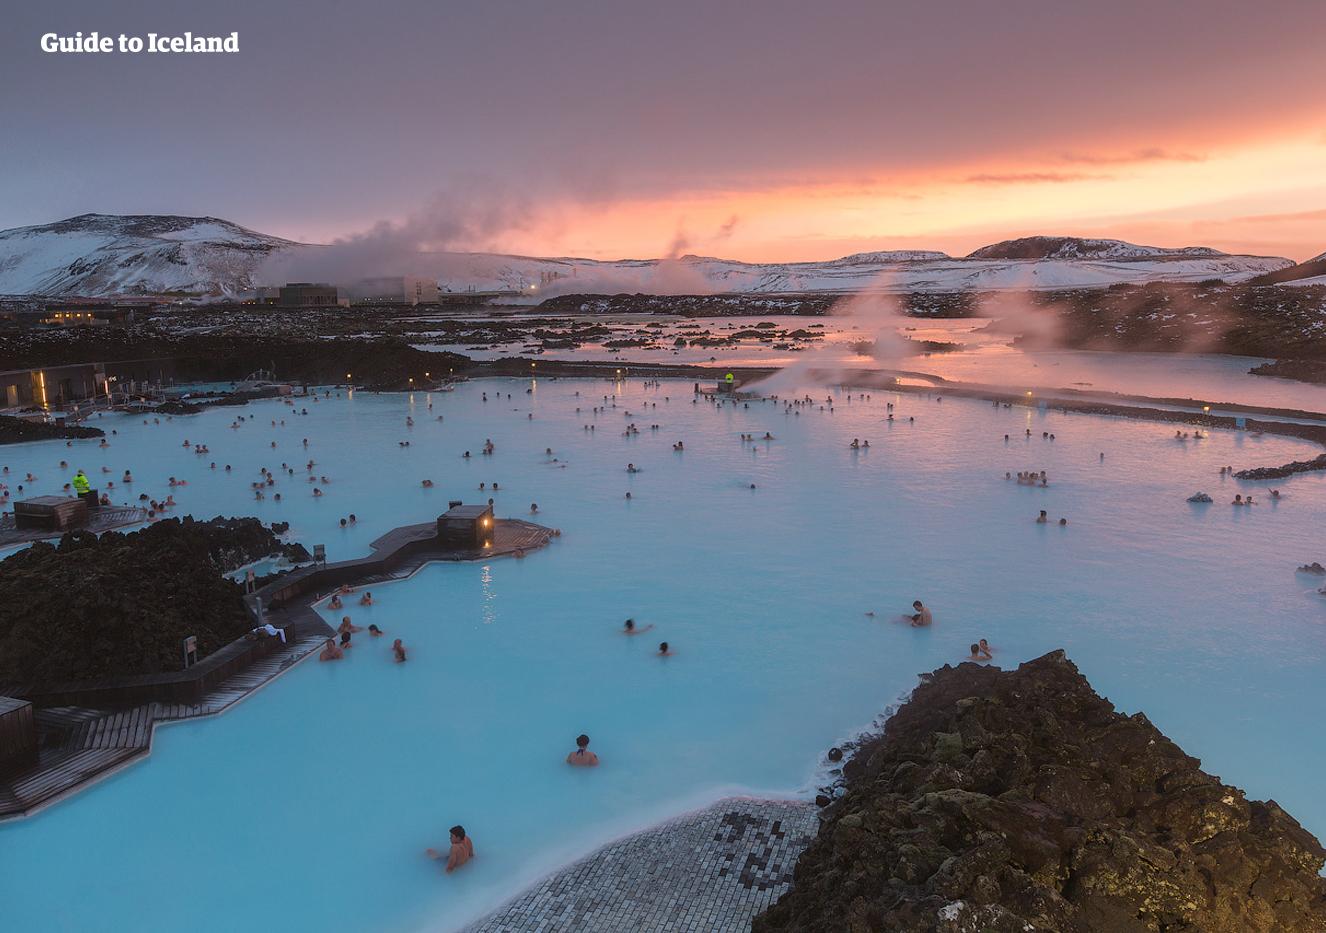 冬季的冰岛蓝湖温泉被冰雪覆盖